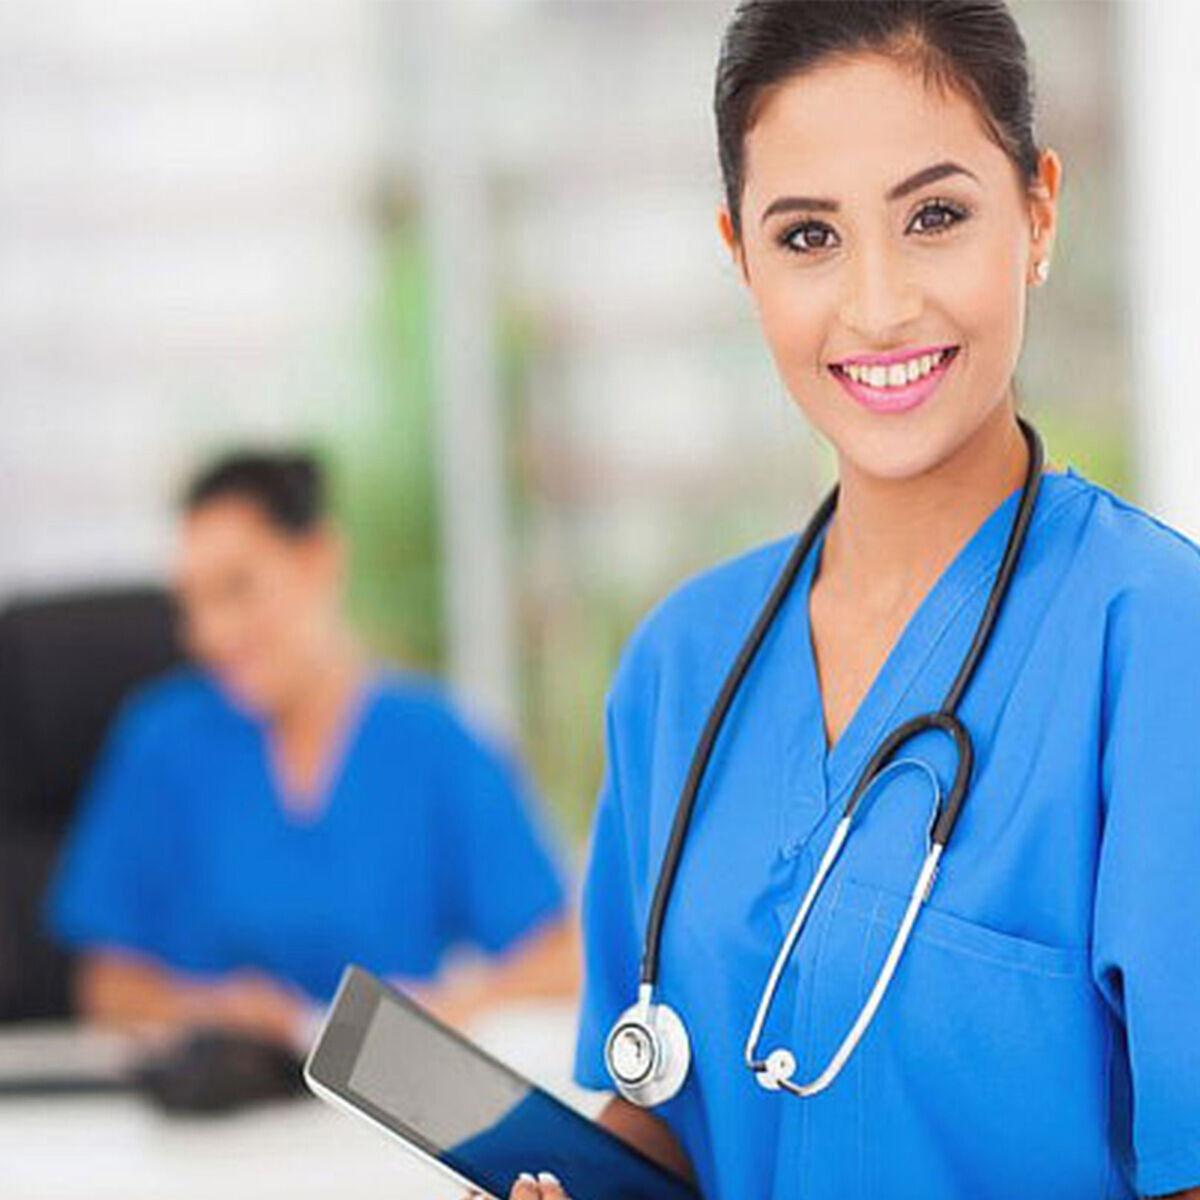 Curso Online de 120 horas Infecciones Asociadas a la Atención de Salud